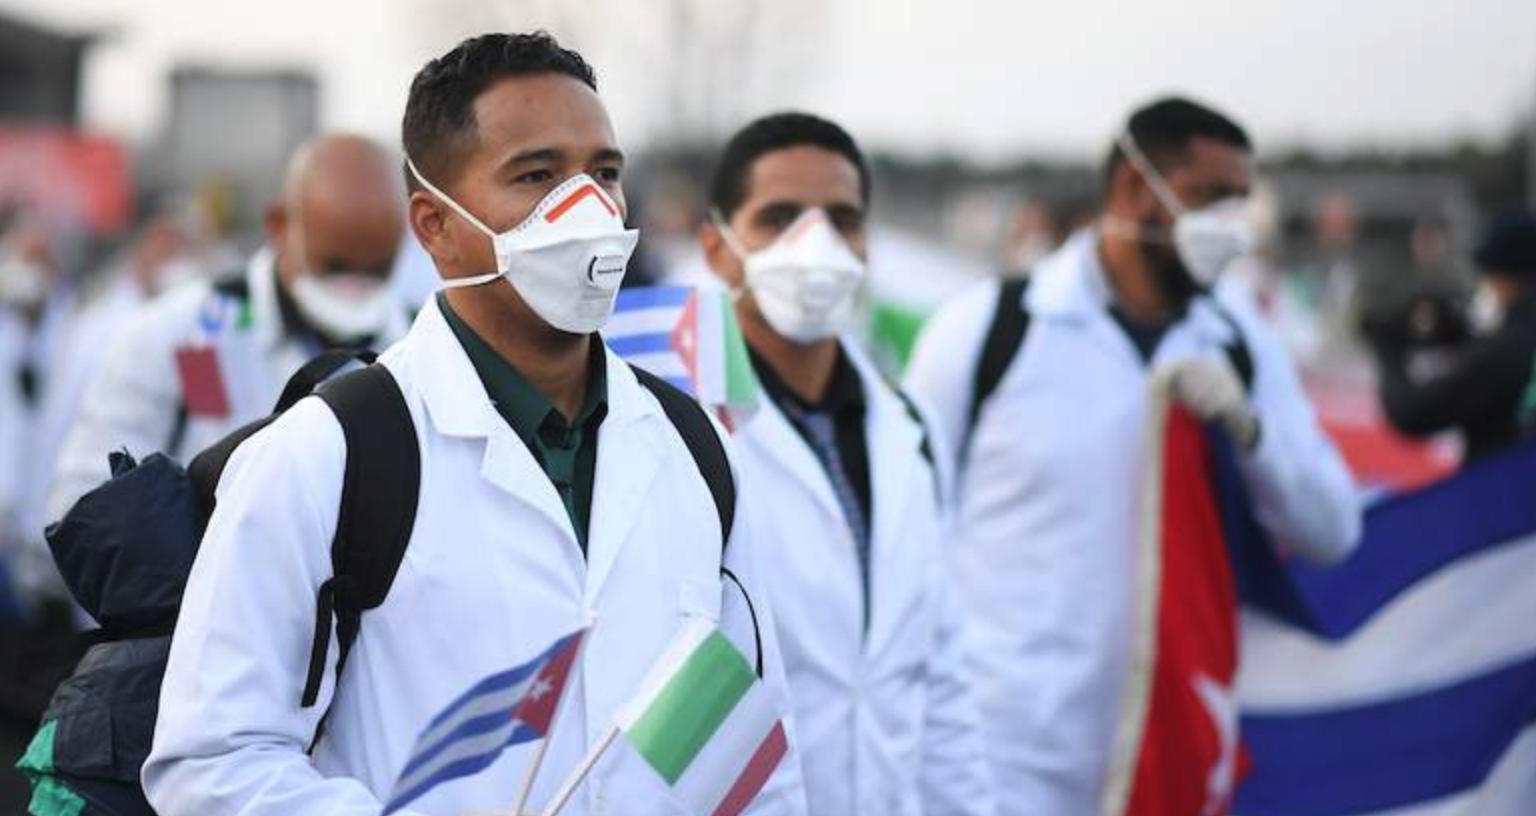 México contrató a Médicos Cubanos por $12 millones sin verificar si tenían el título